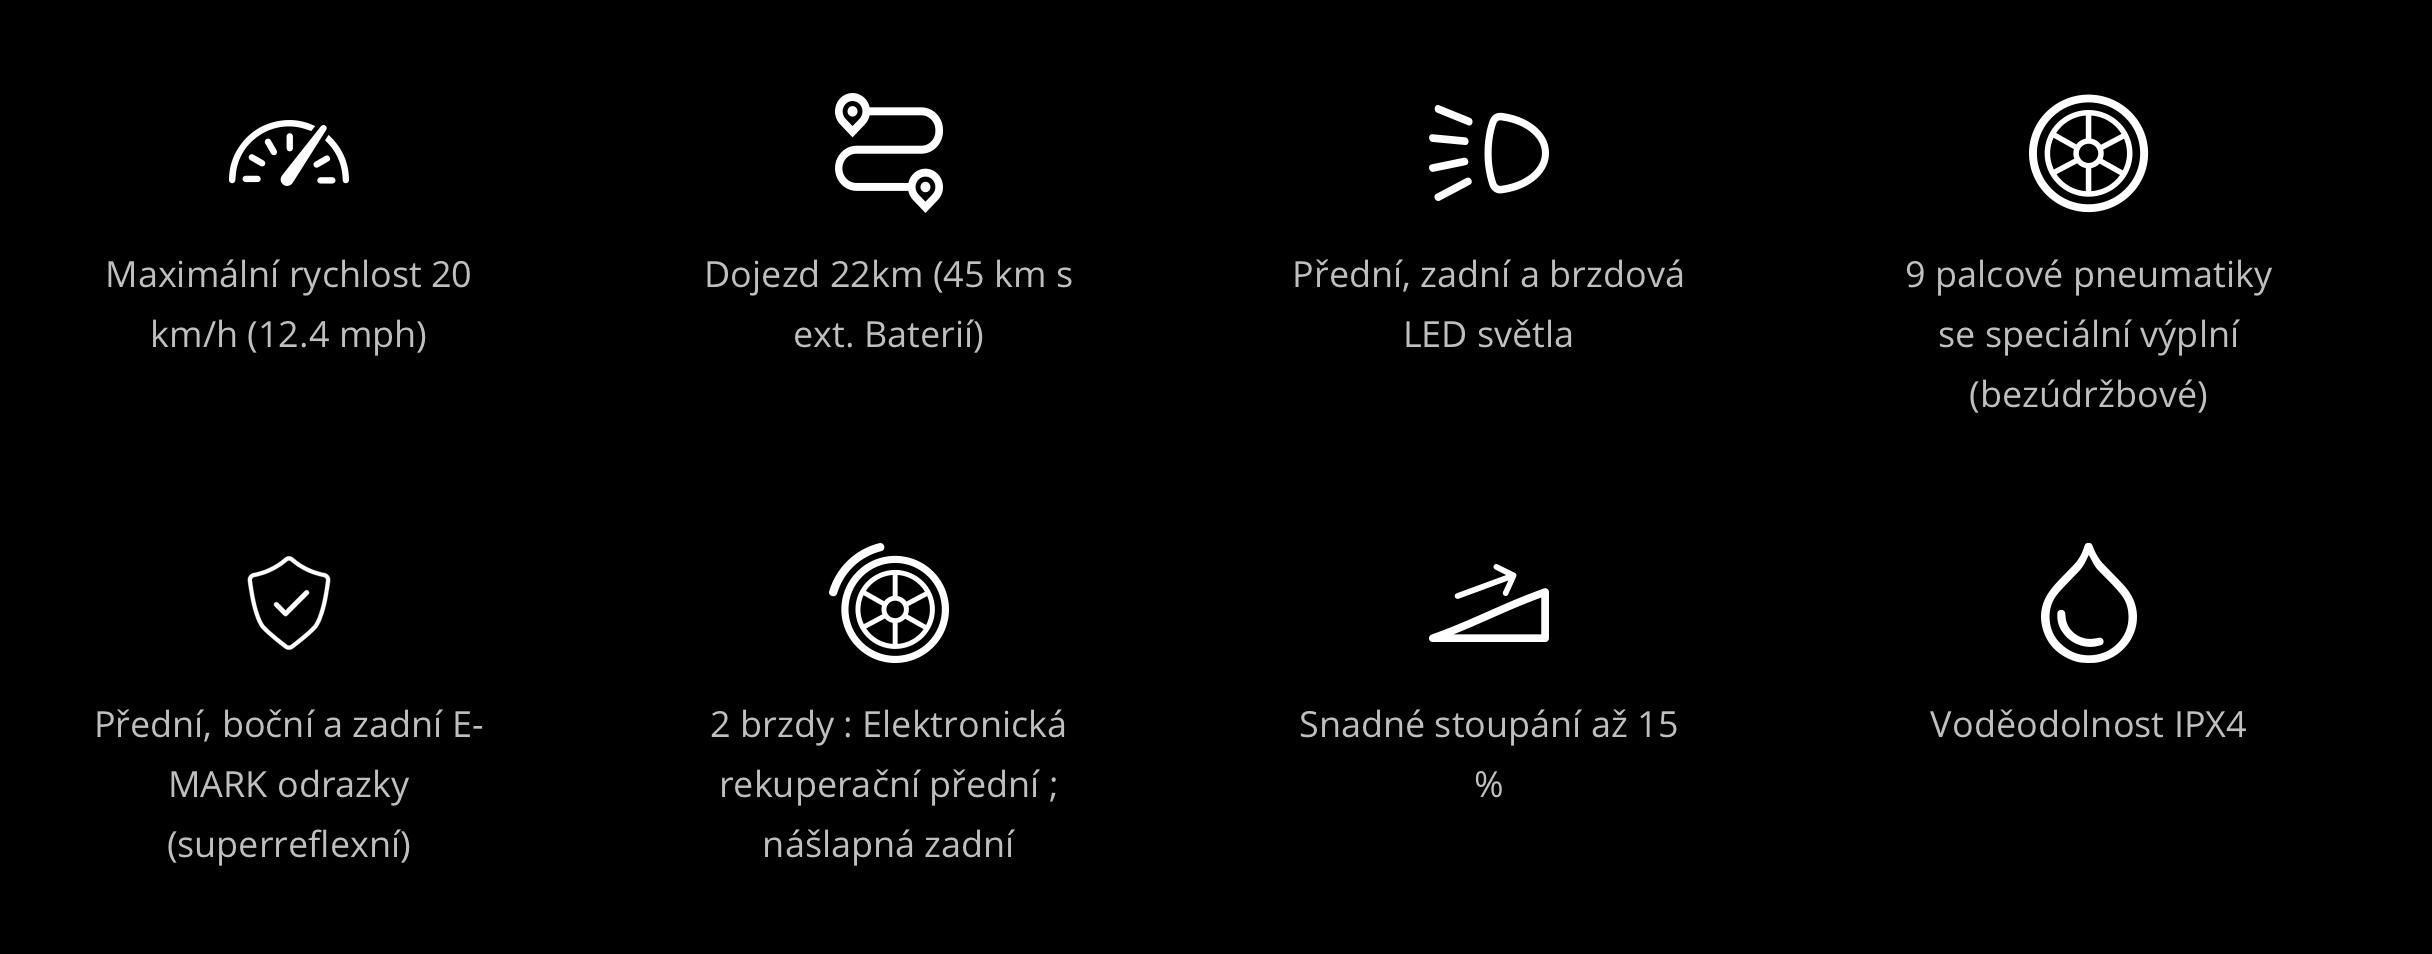 Screenshot 2020-08-11 at 14.05.18